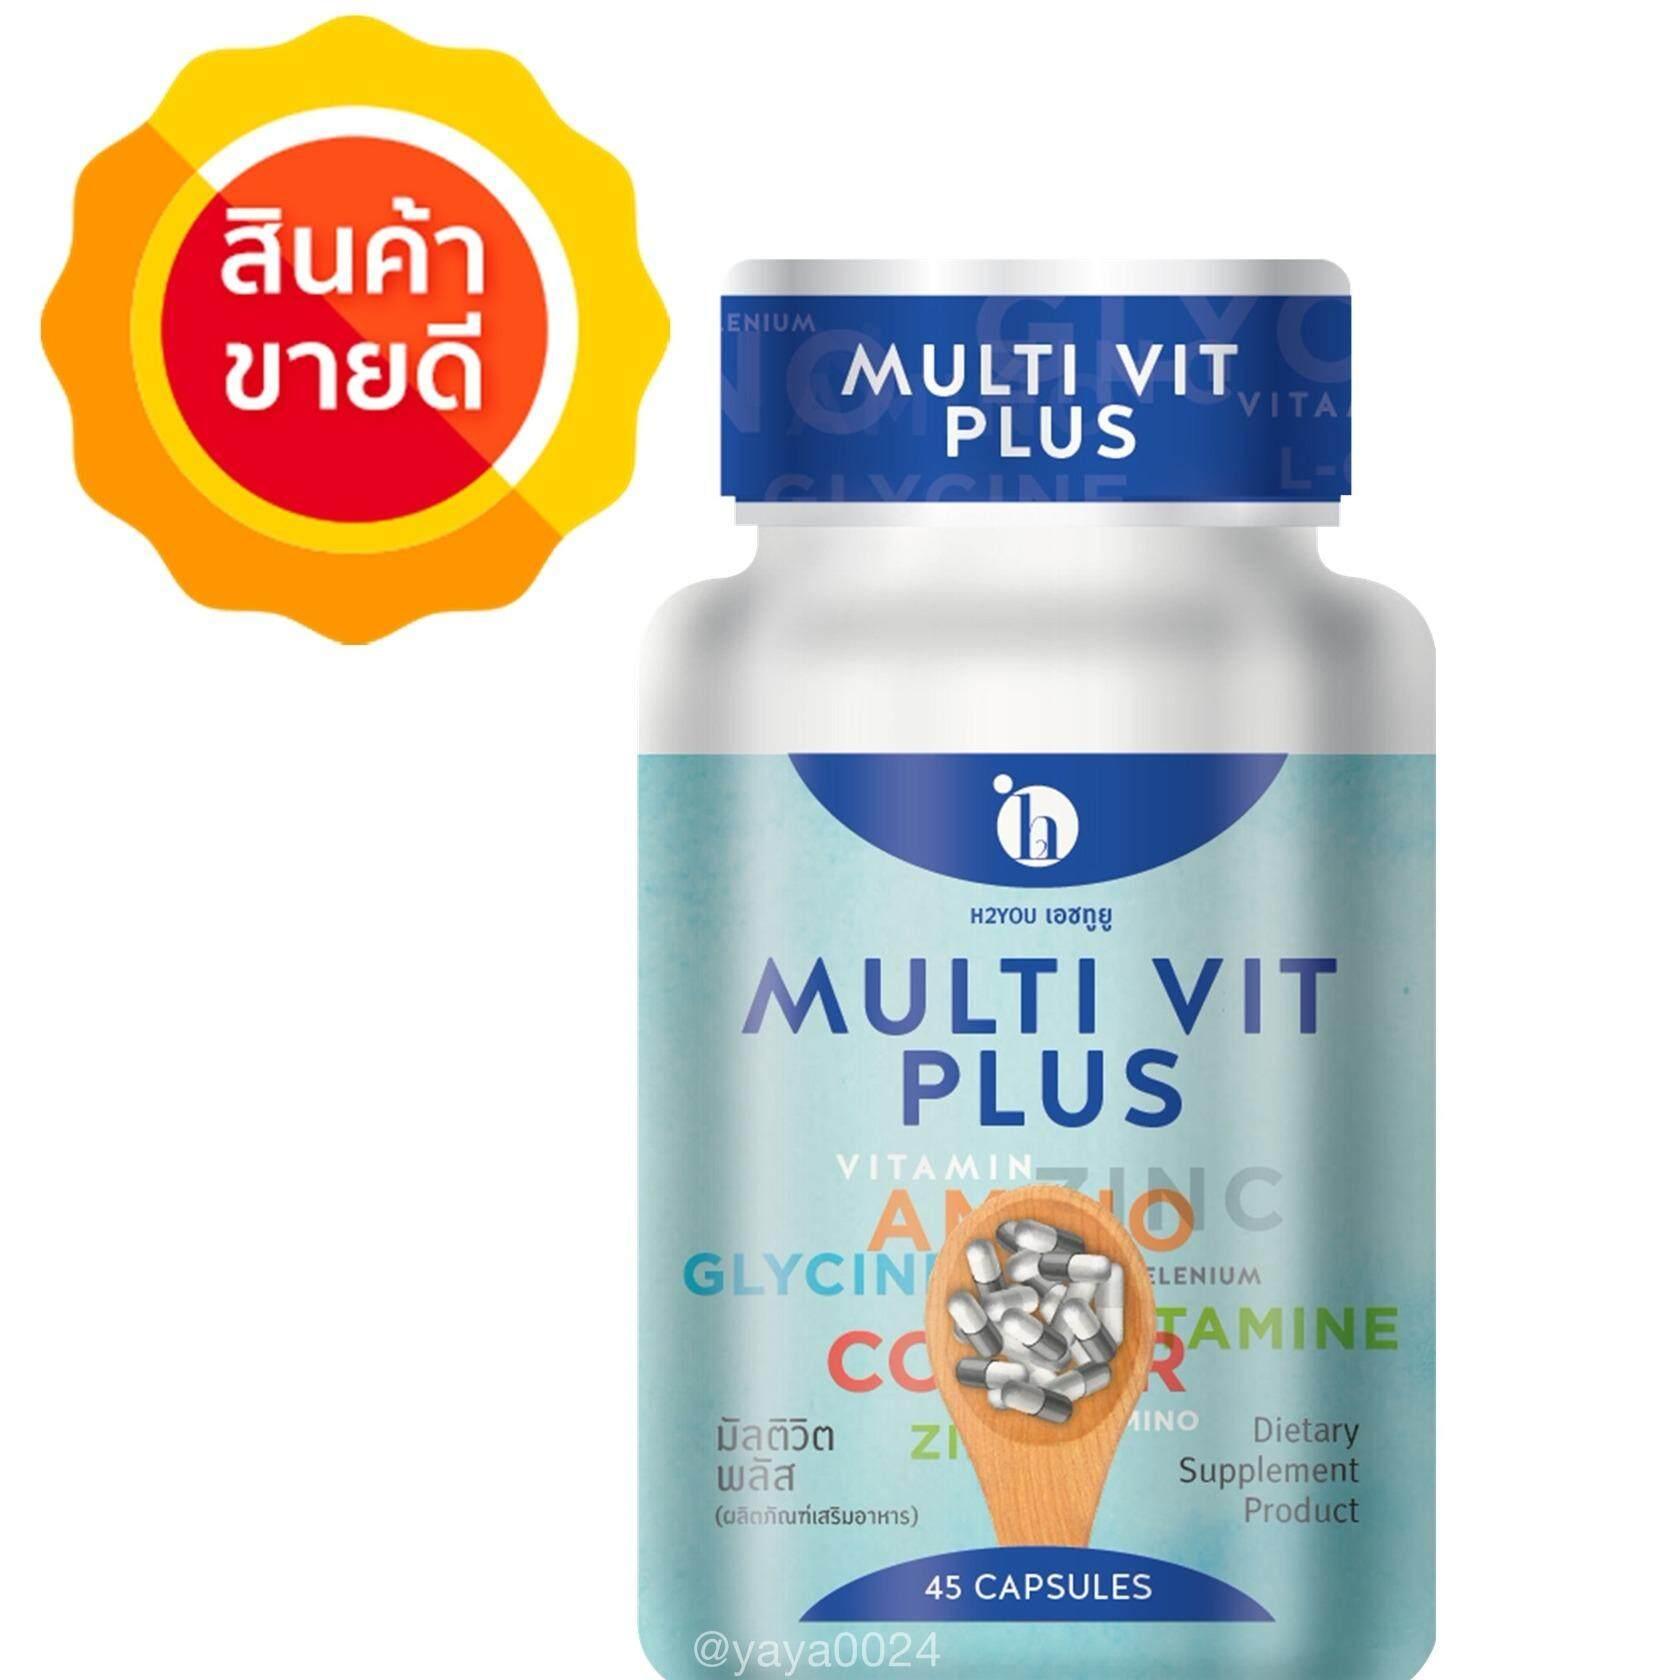 ขาย สูตรใหม่ H2You Multi Vit Plus มัลติวิตพลัส มัลติวิตามิน อาหารเสริมเพิ่มน้ำหนัก สูตรใหม่ ไม่ง่วงนอน X 1 กระปุก 45 แคปซูล กรุงเทพมหานคร ถูก